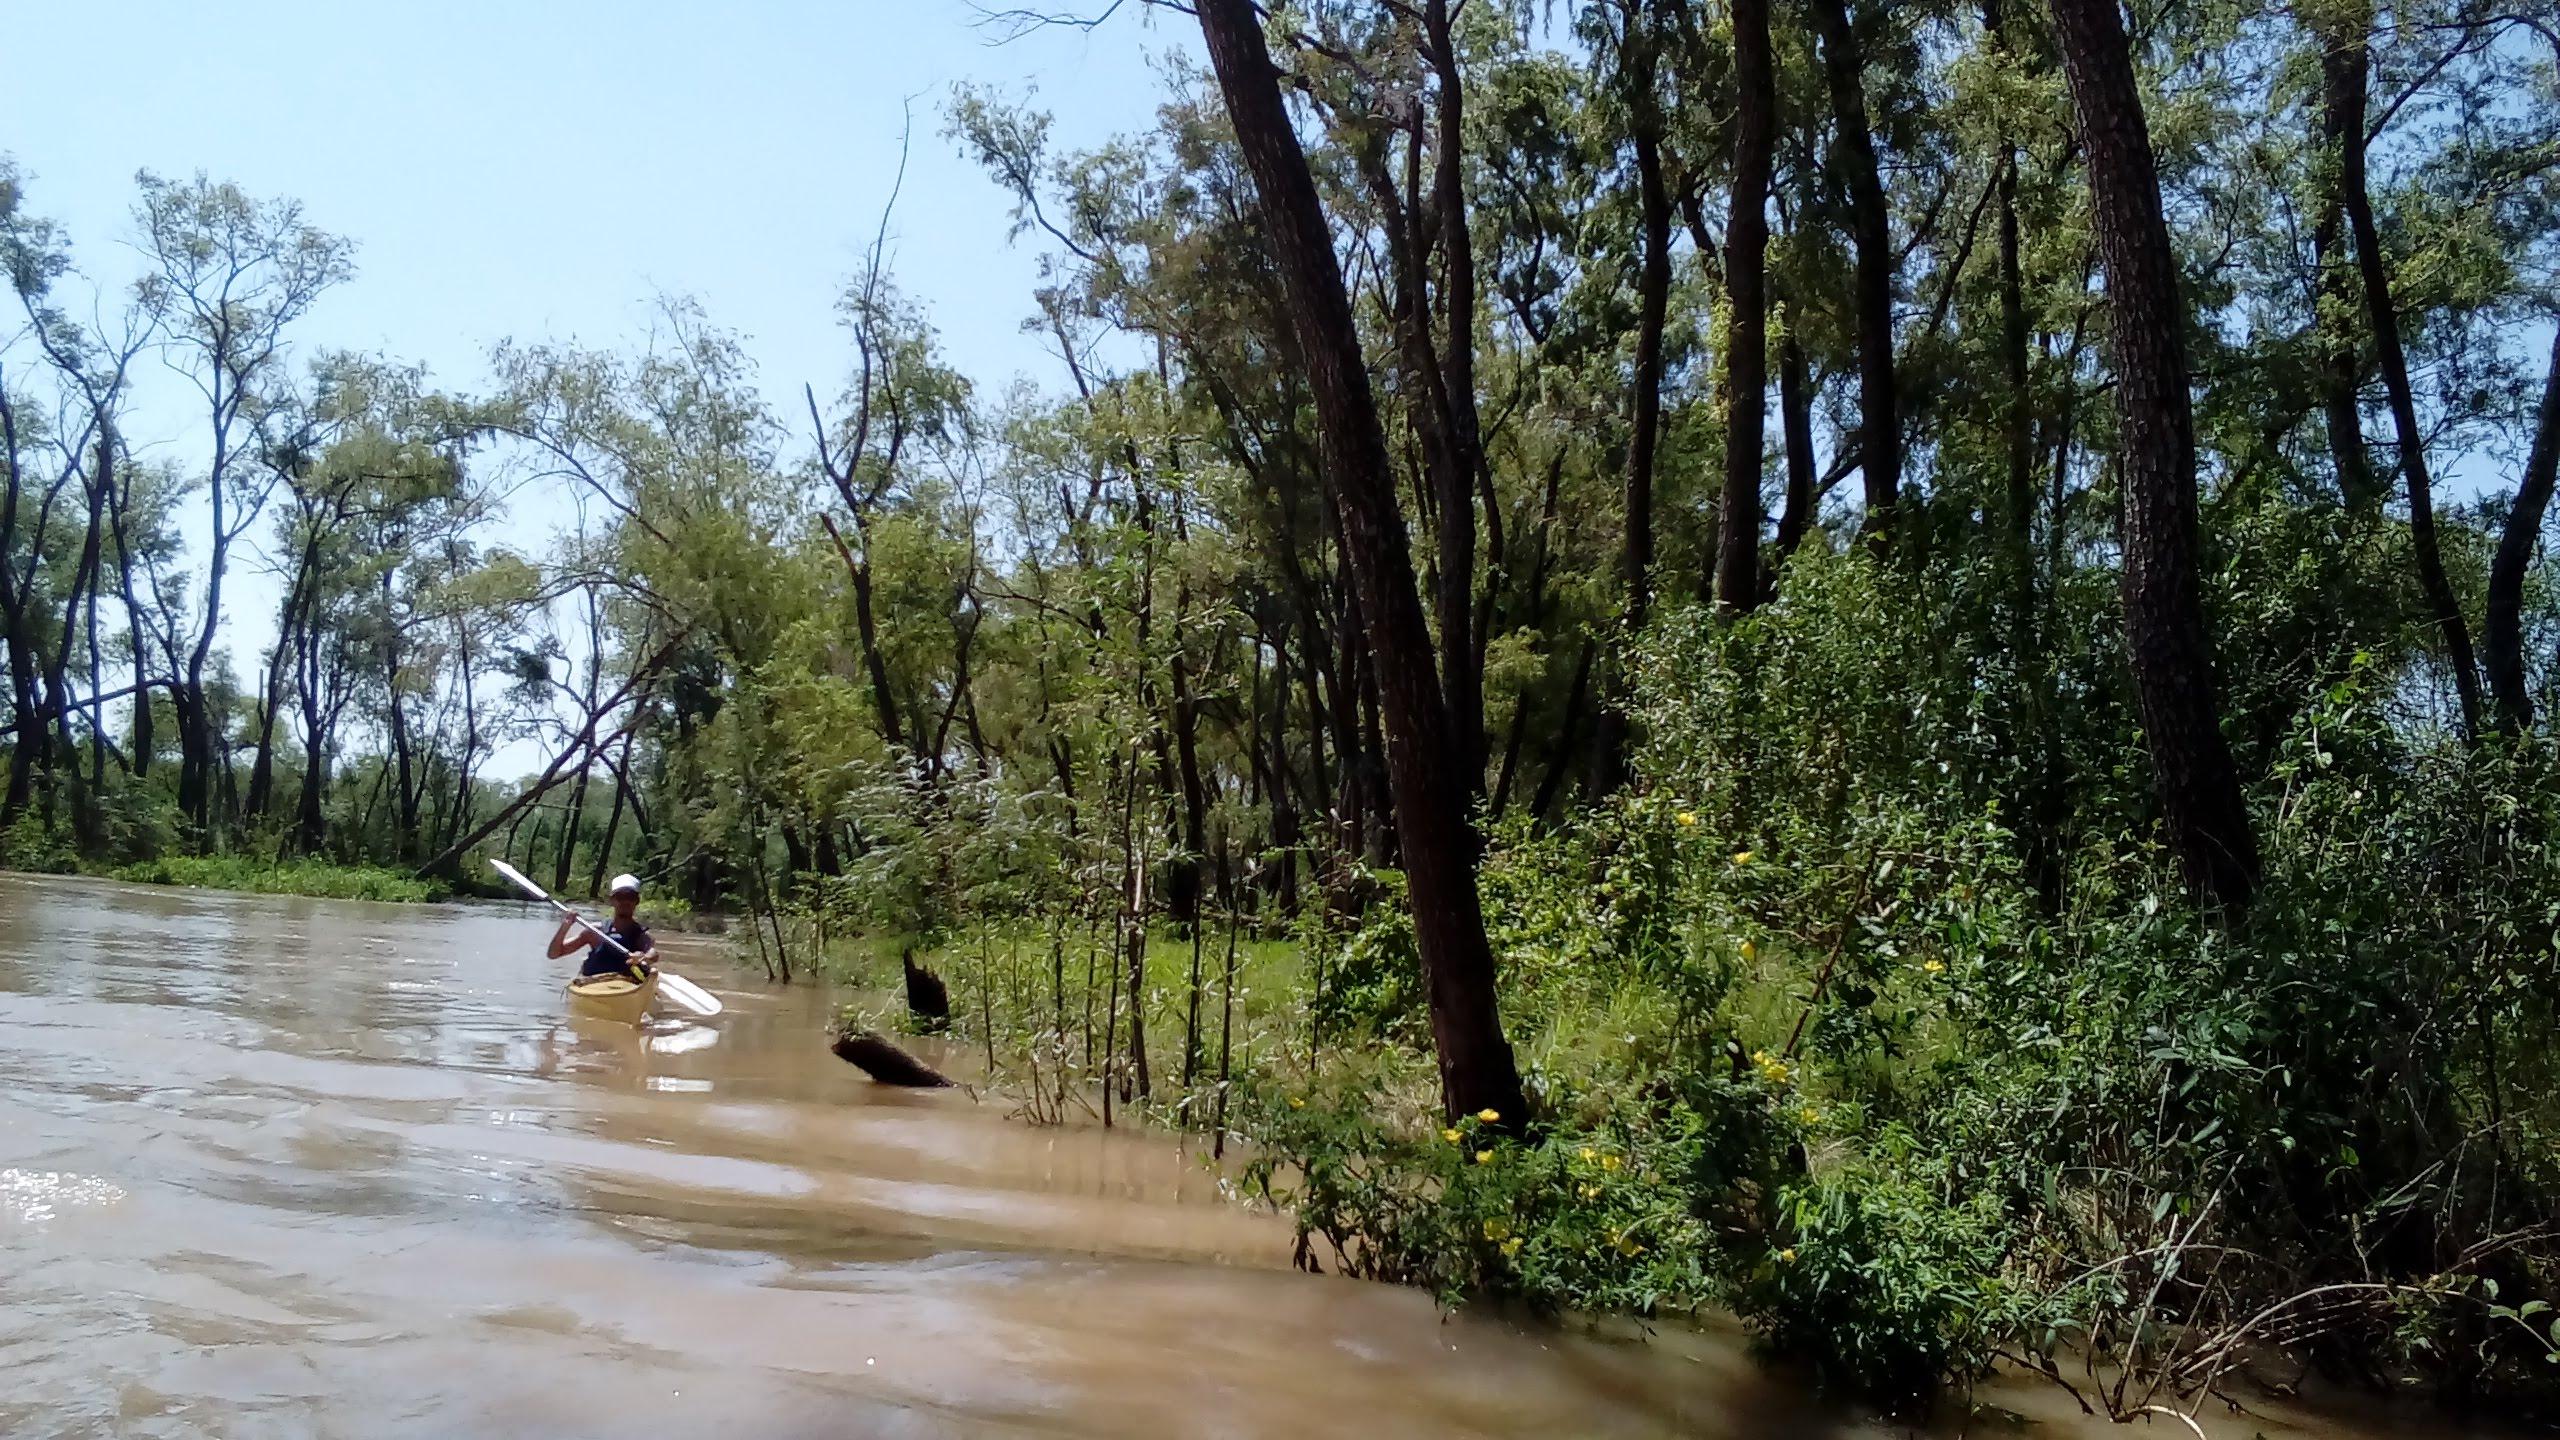 Vuelven las visitas a la Reserva Natural Legado Deliot